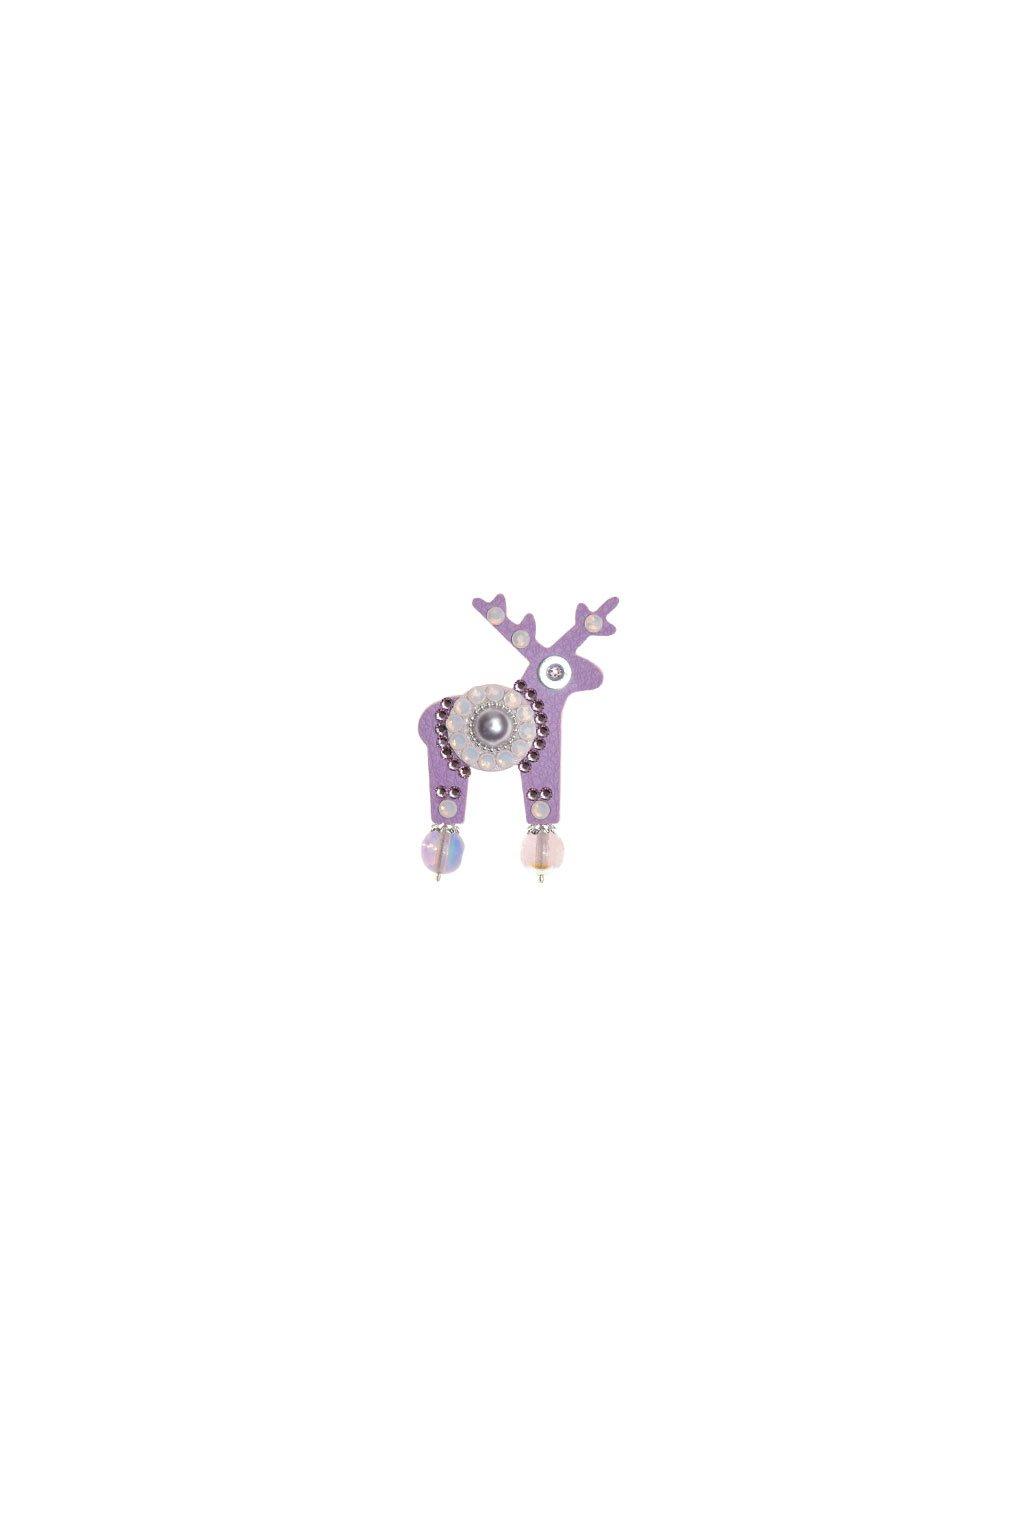 Světle fialová jelení mini brož